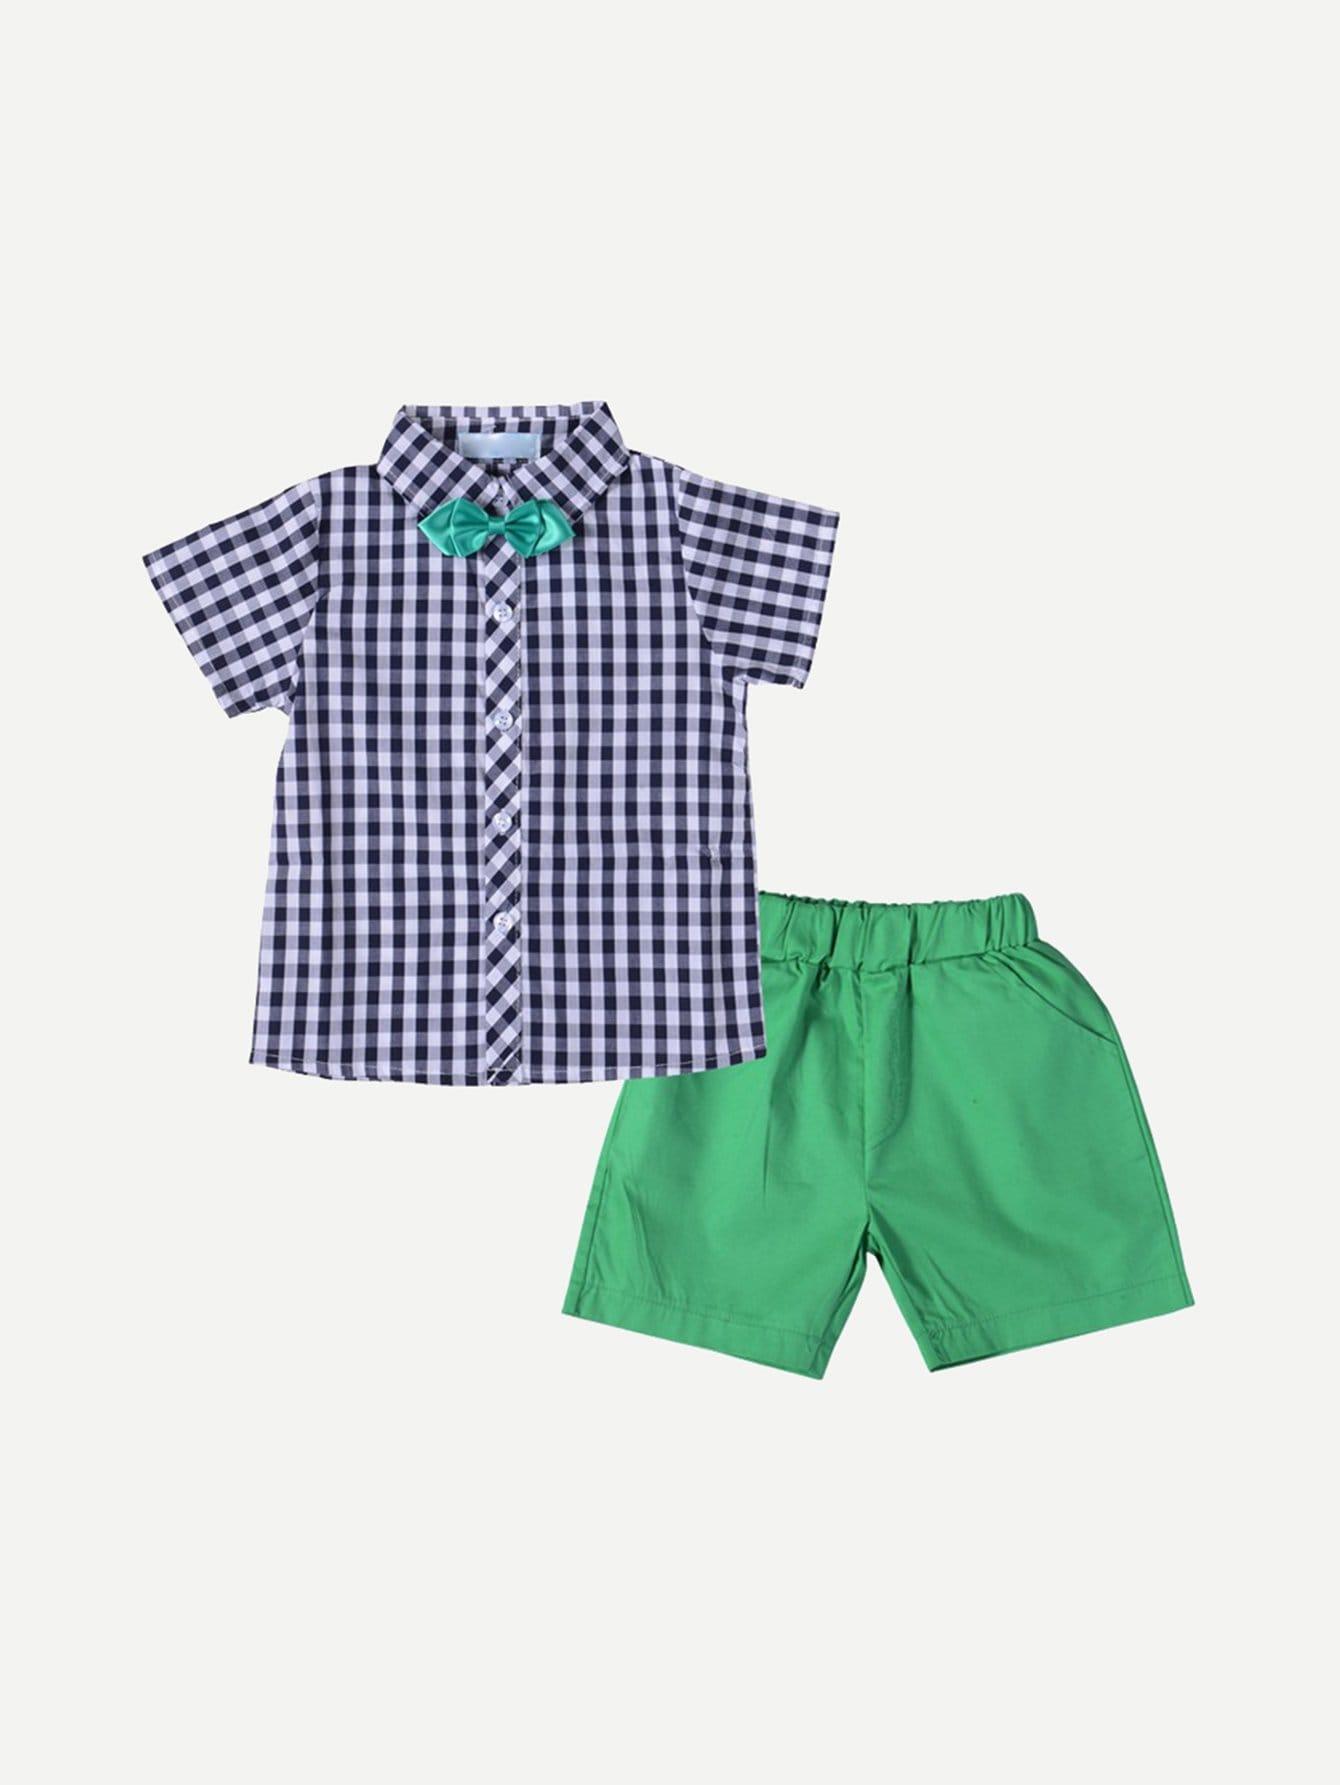 Мальчики Бантиком, Клетчатой Рубашке С Шортами